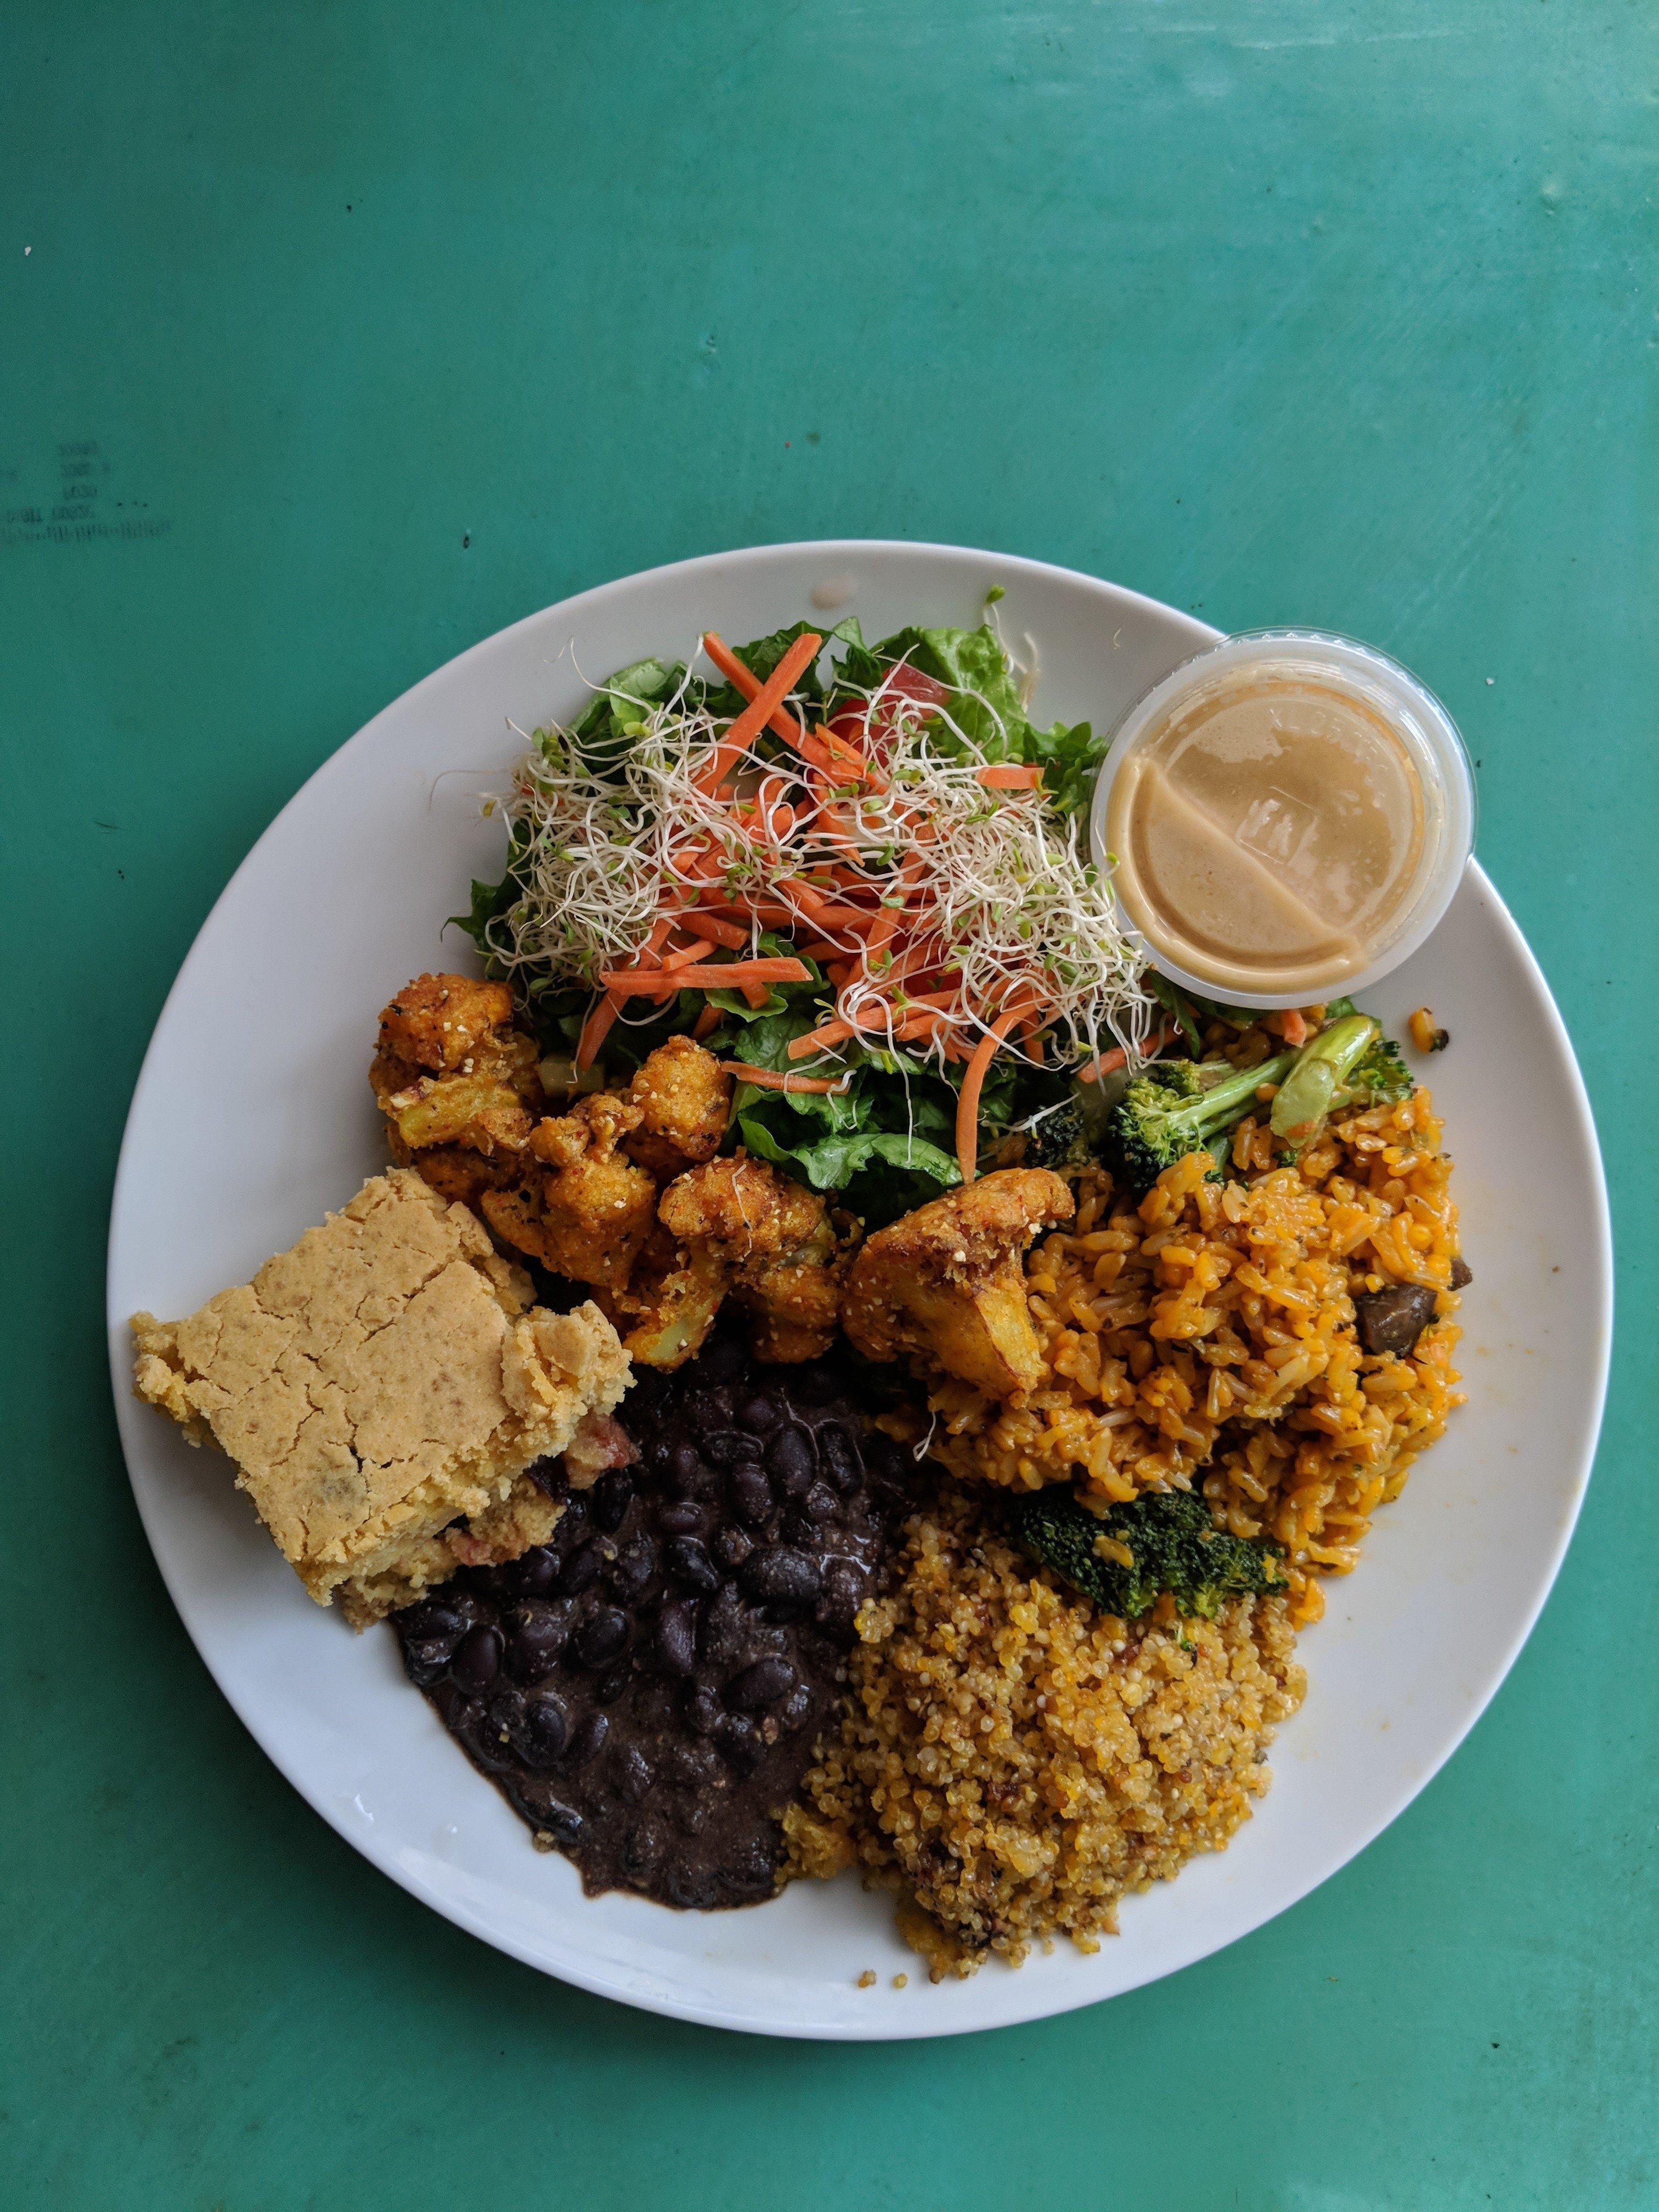 Vegan Haven vegan restaurant in St Croix